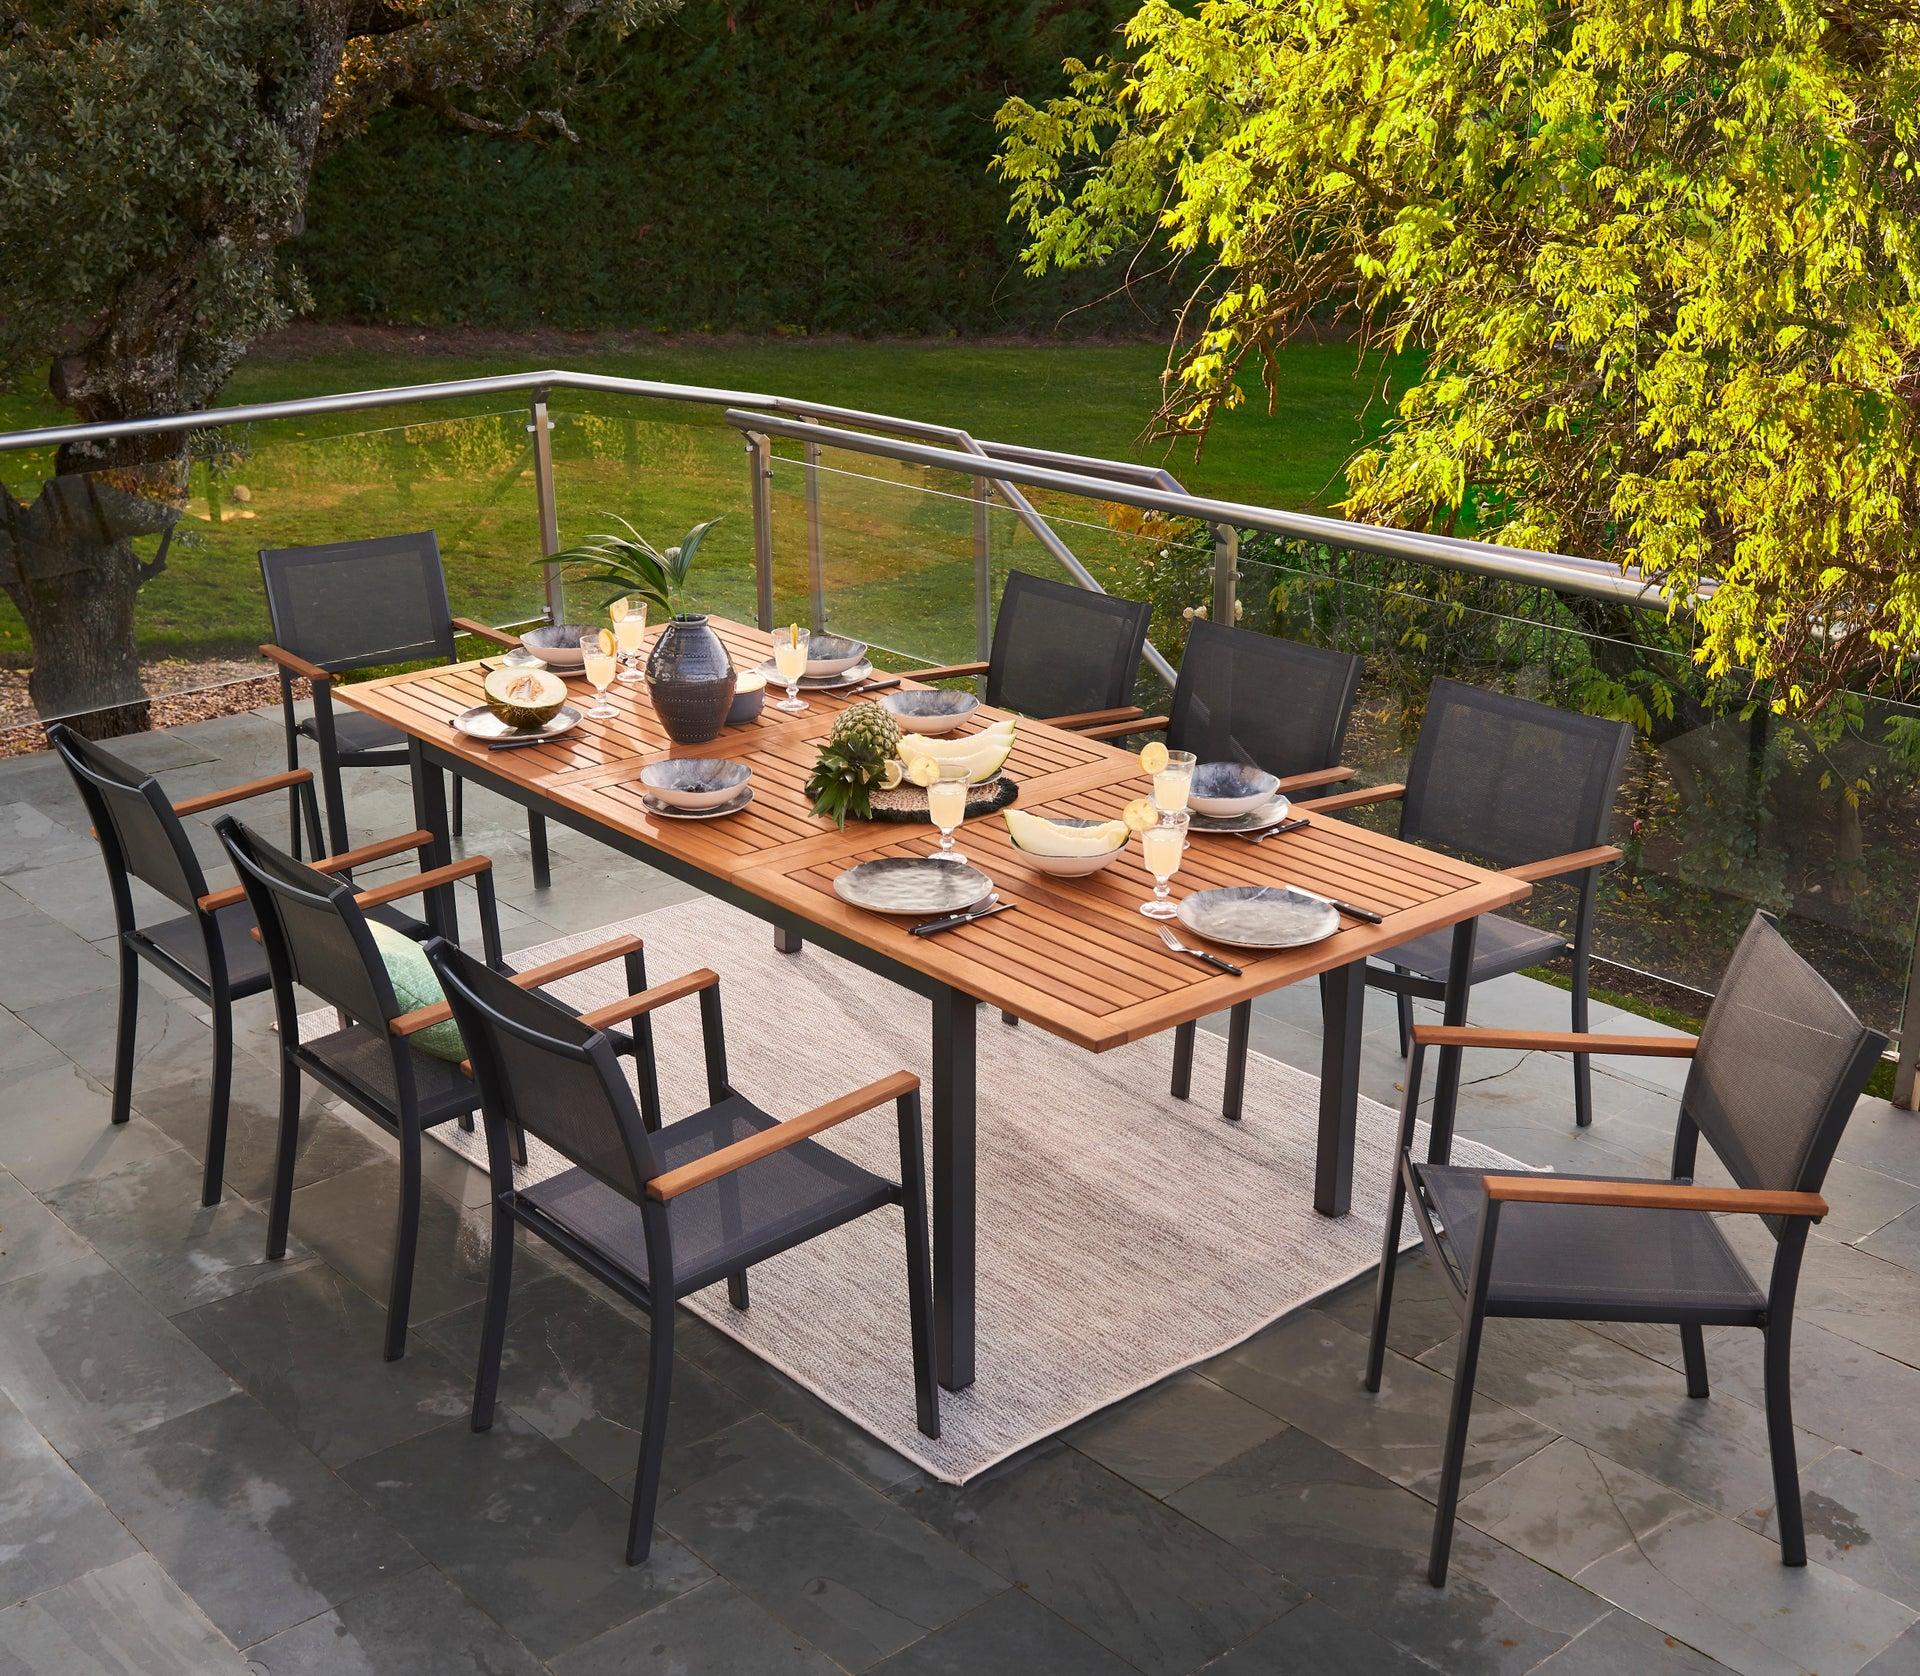 Tavolo da giardino allungabile rettangolare Oris NATERIAL con piano in legno L 180/240 x P 98.9 cm - 10